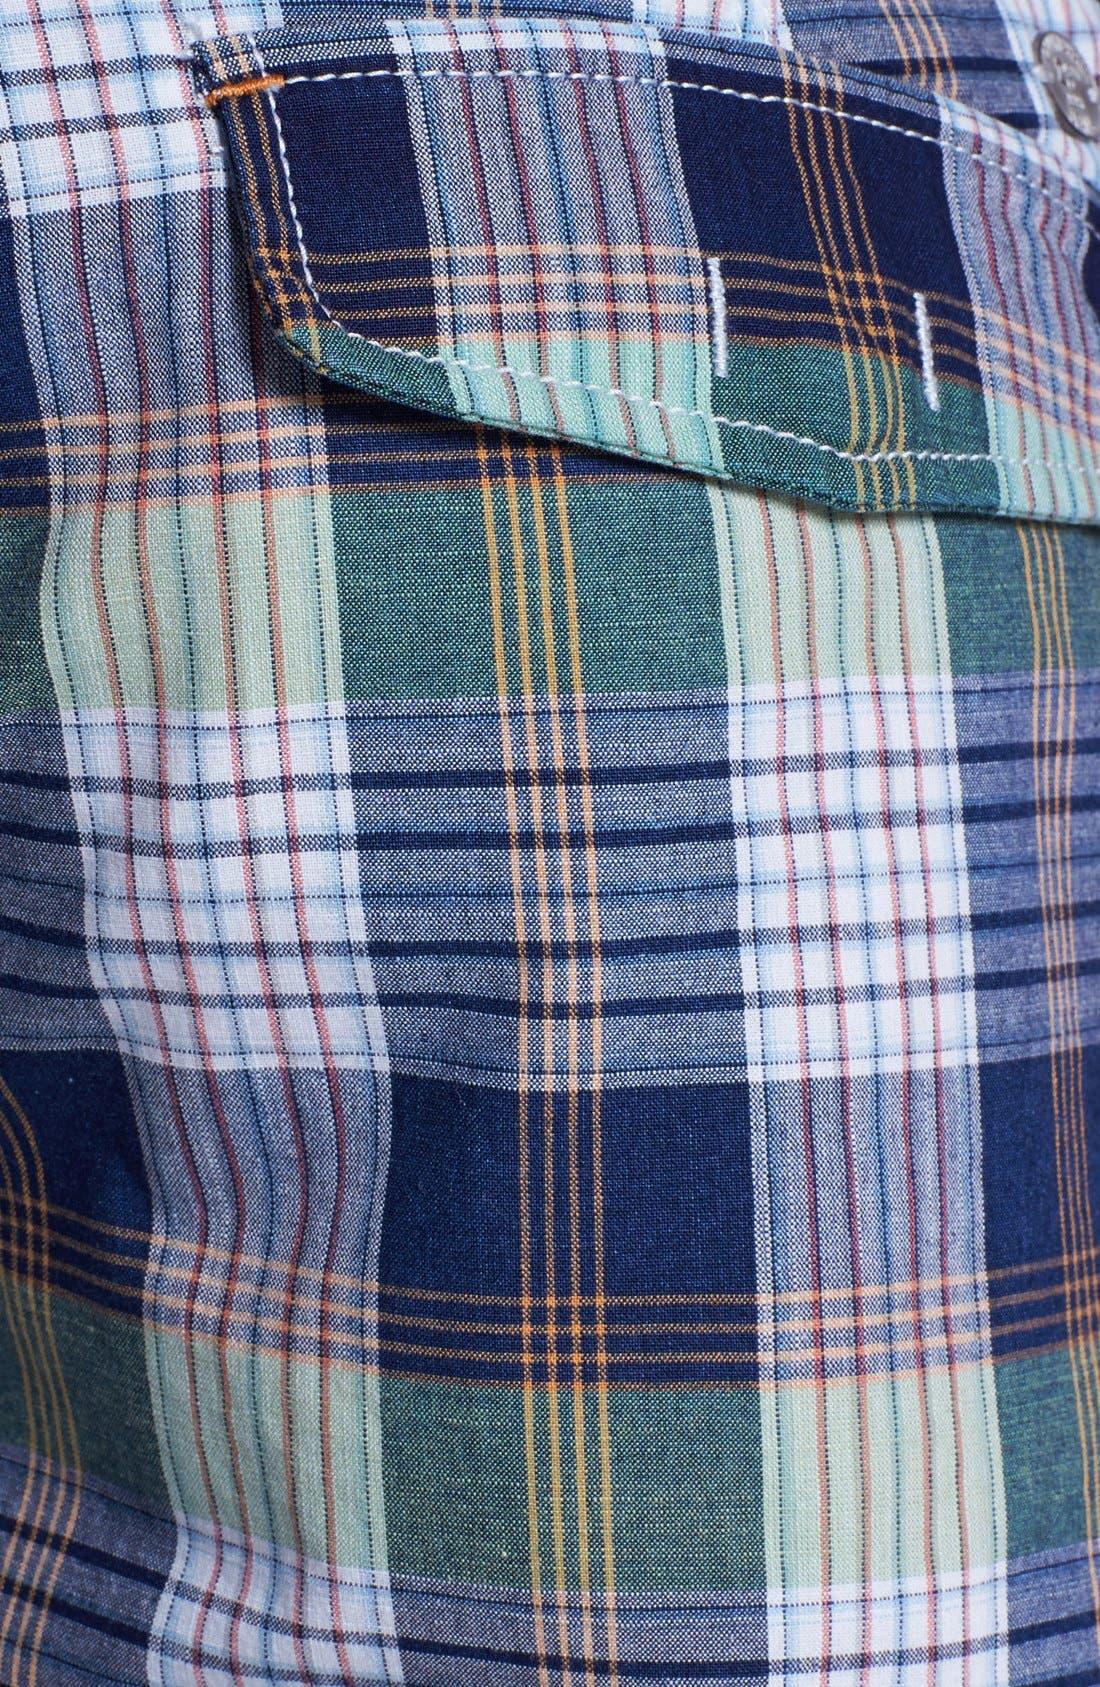 Alternate Image 3  - Tommy Bahama Denim 'Reel Indigo' Shorts